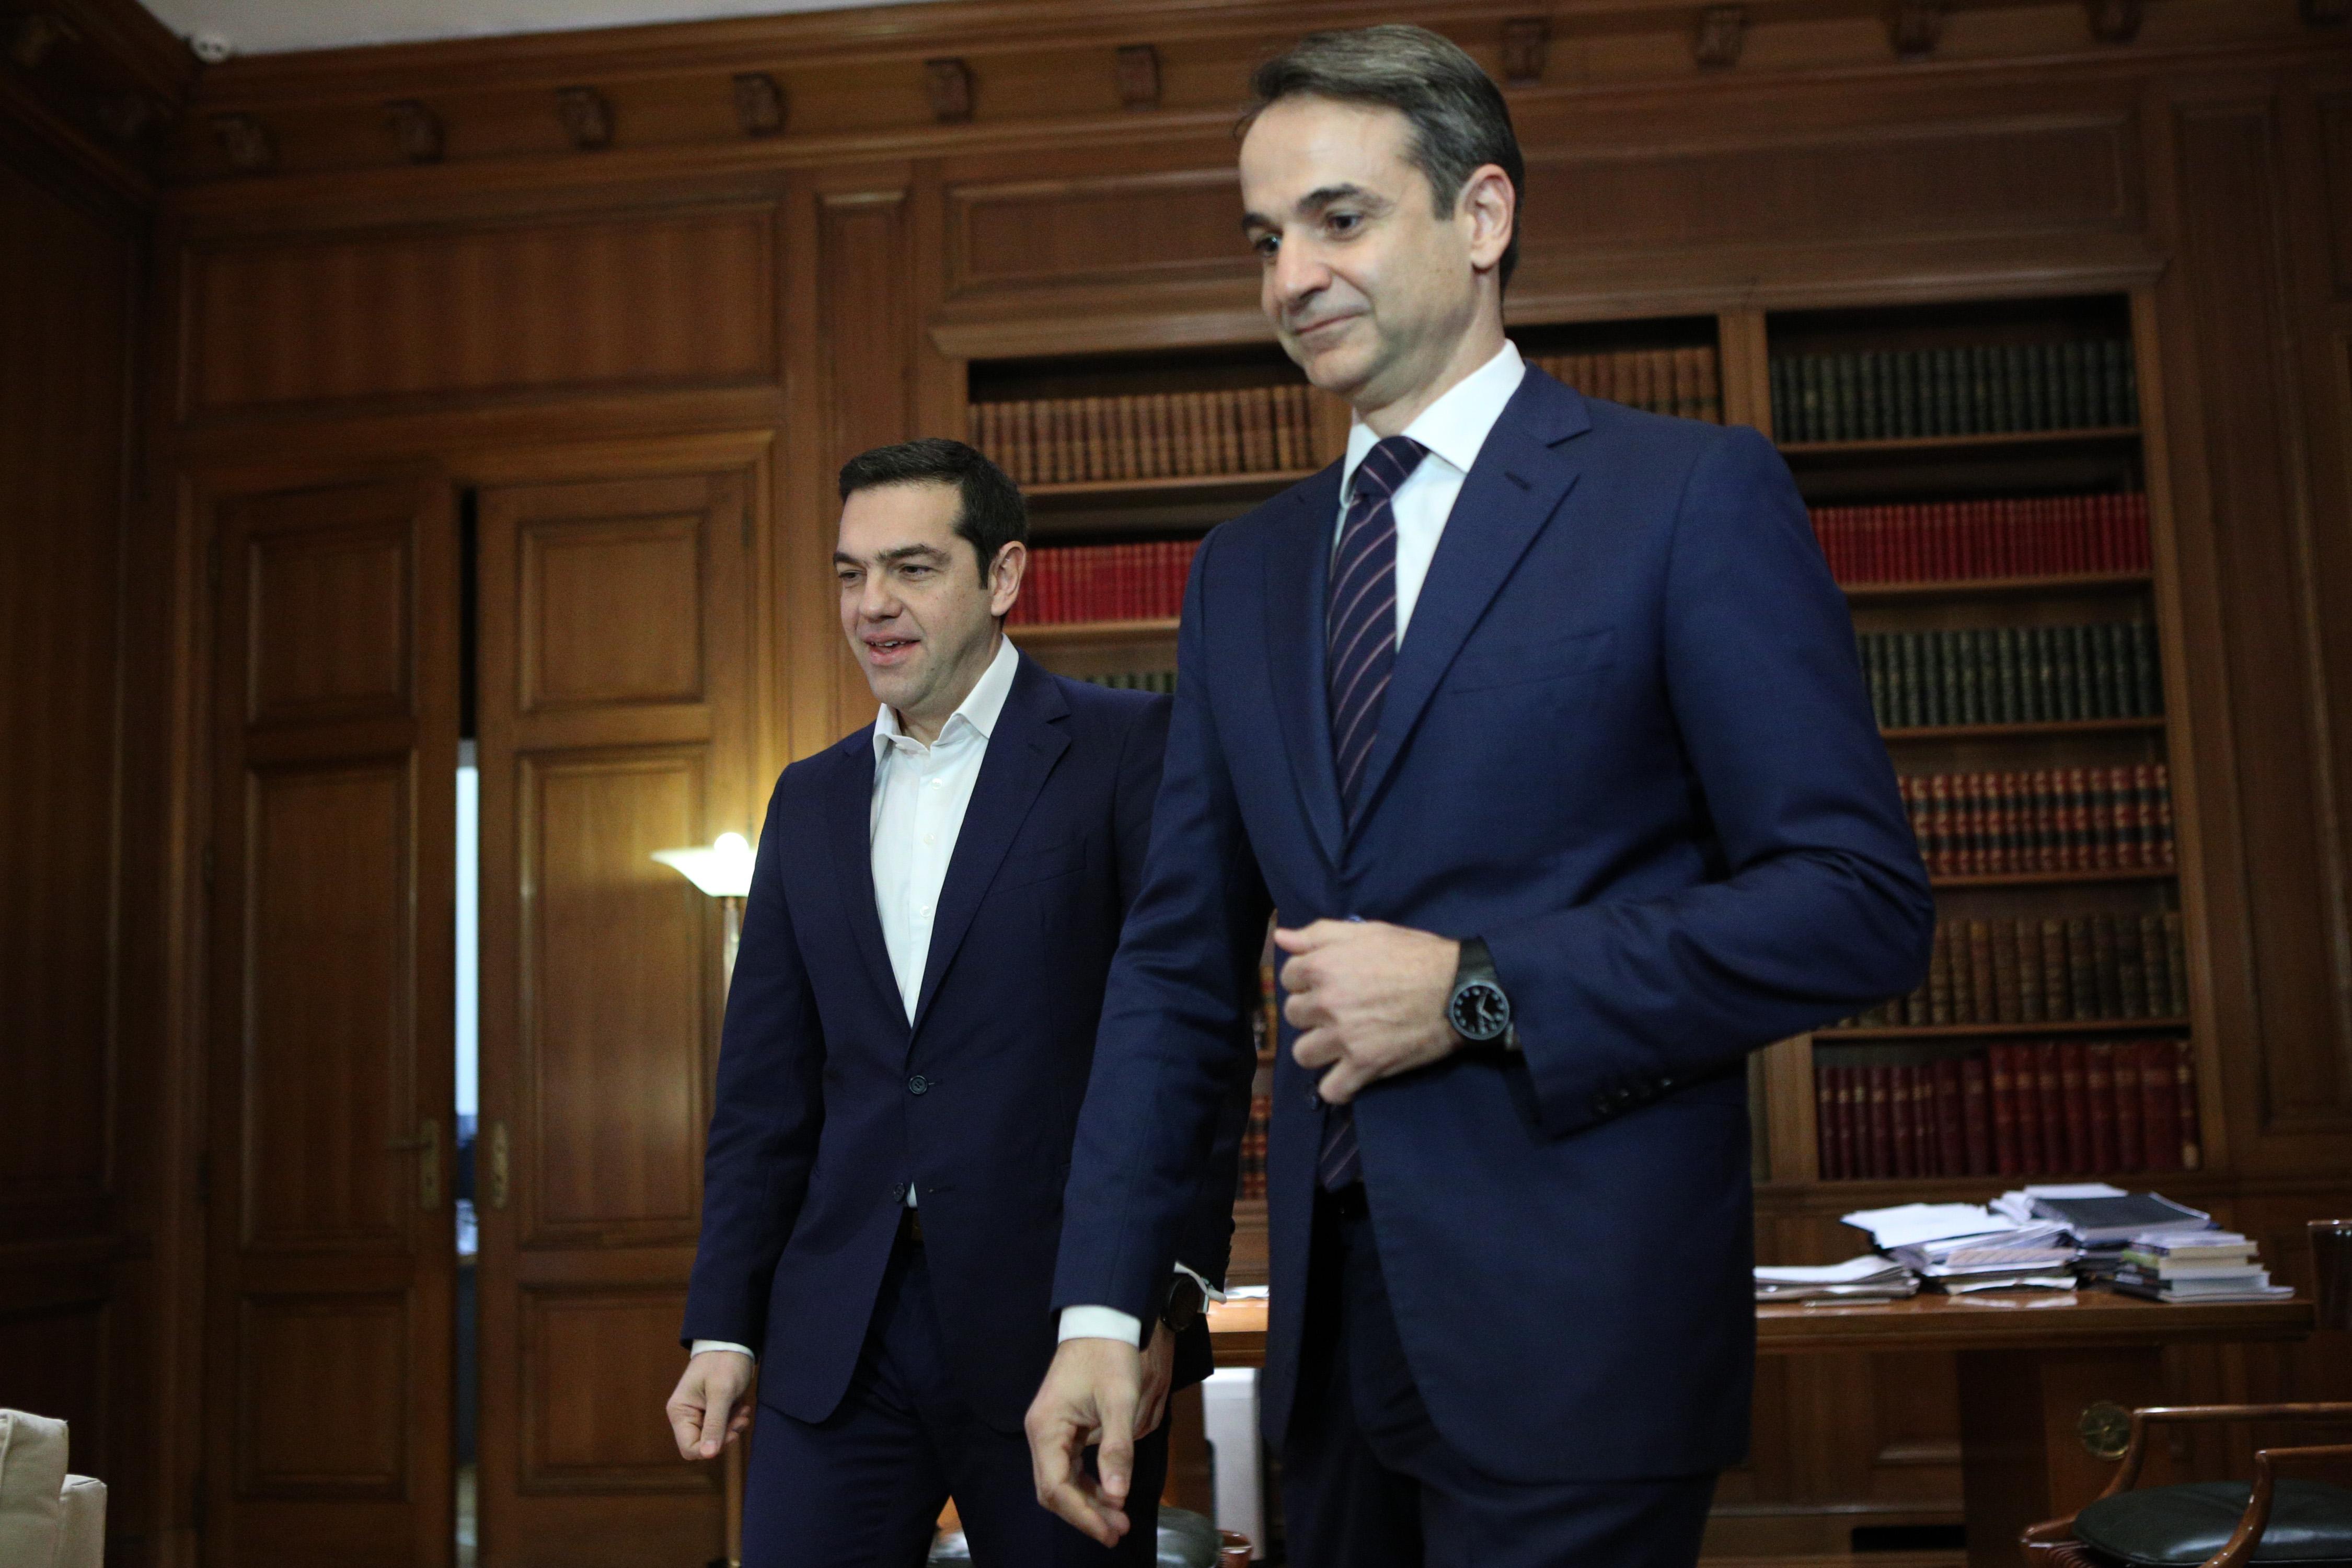 Megbukott a görög kormány, a mérsékelt jobboldal kerülhet hatalomra